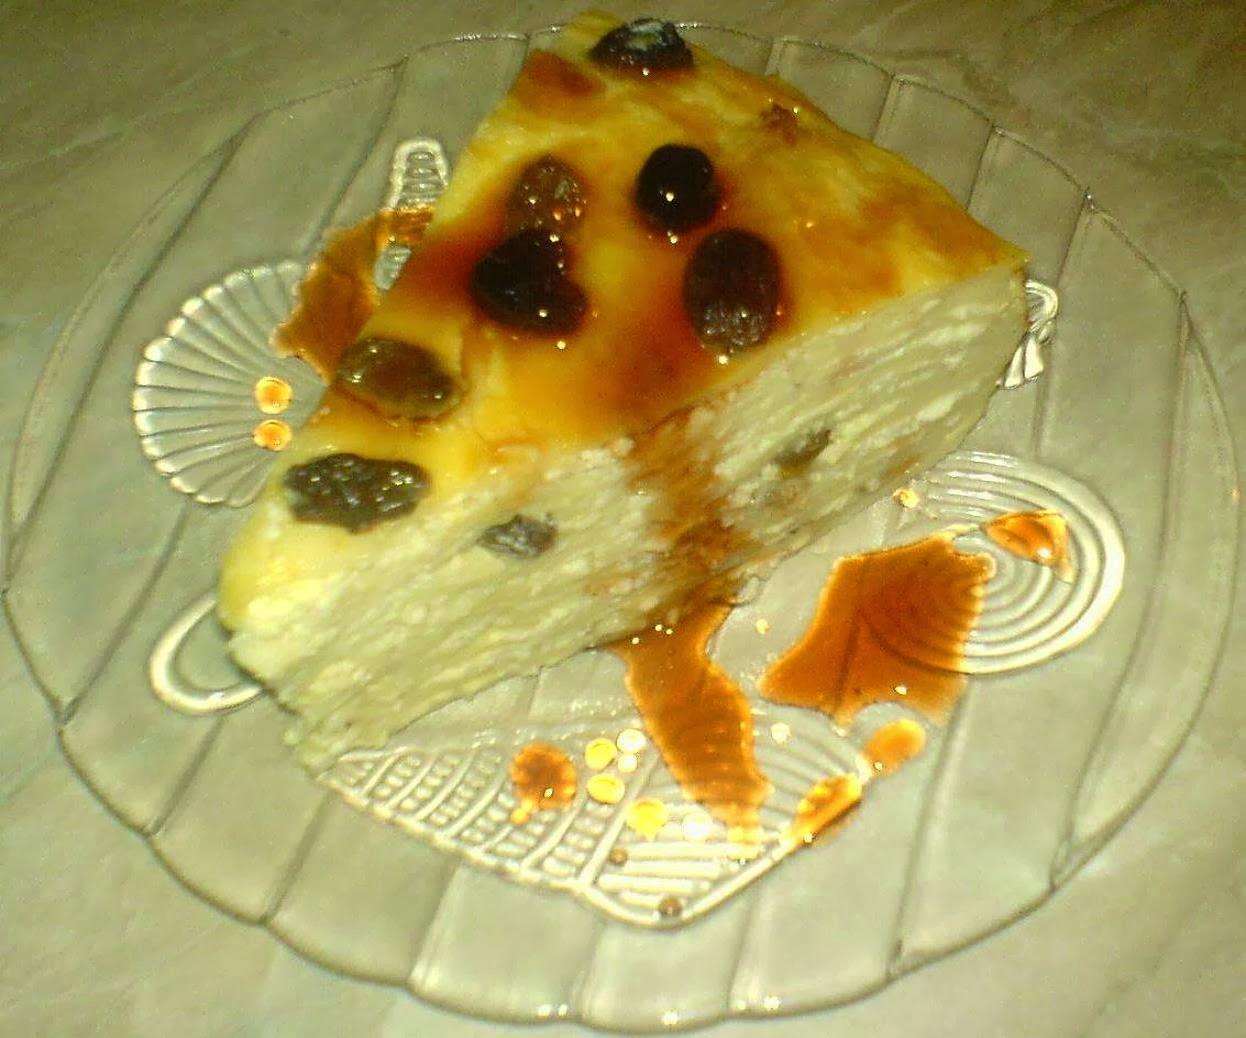 retete culinare, tort, tort de clatite, retete culinare, dulciuri, prajituri, torturi